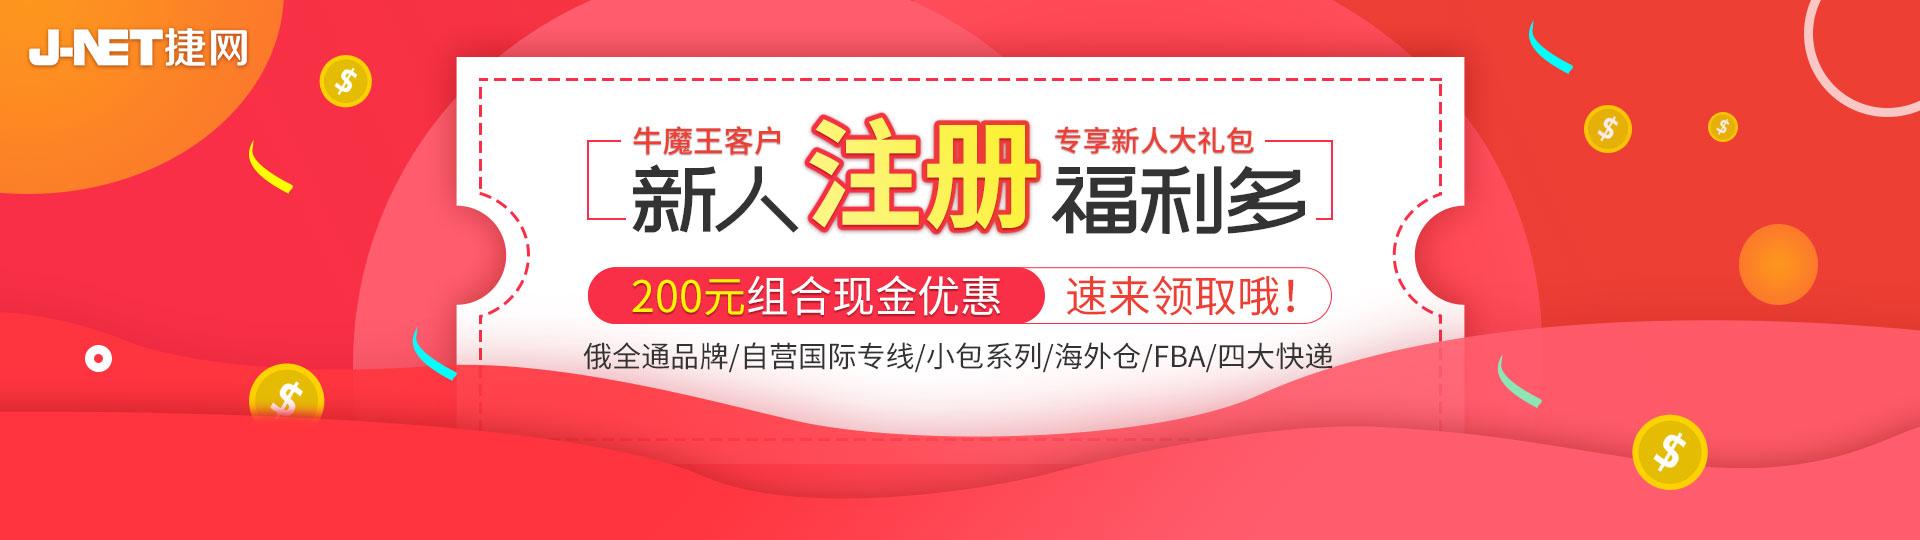 跨境物流-上海捷网国际物流